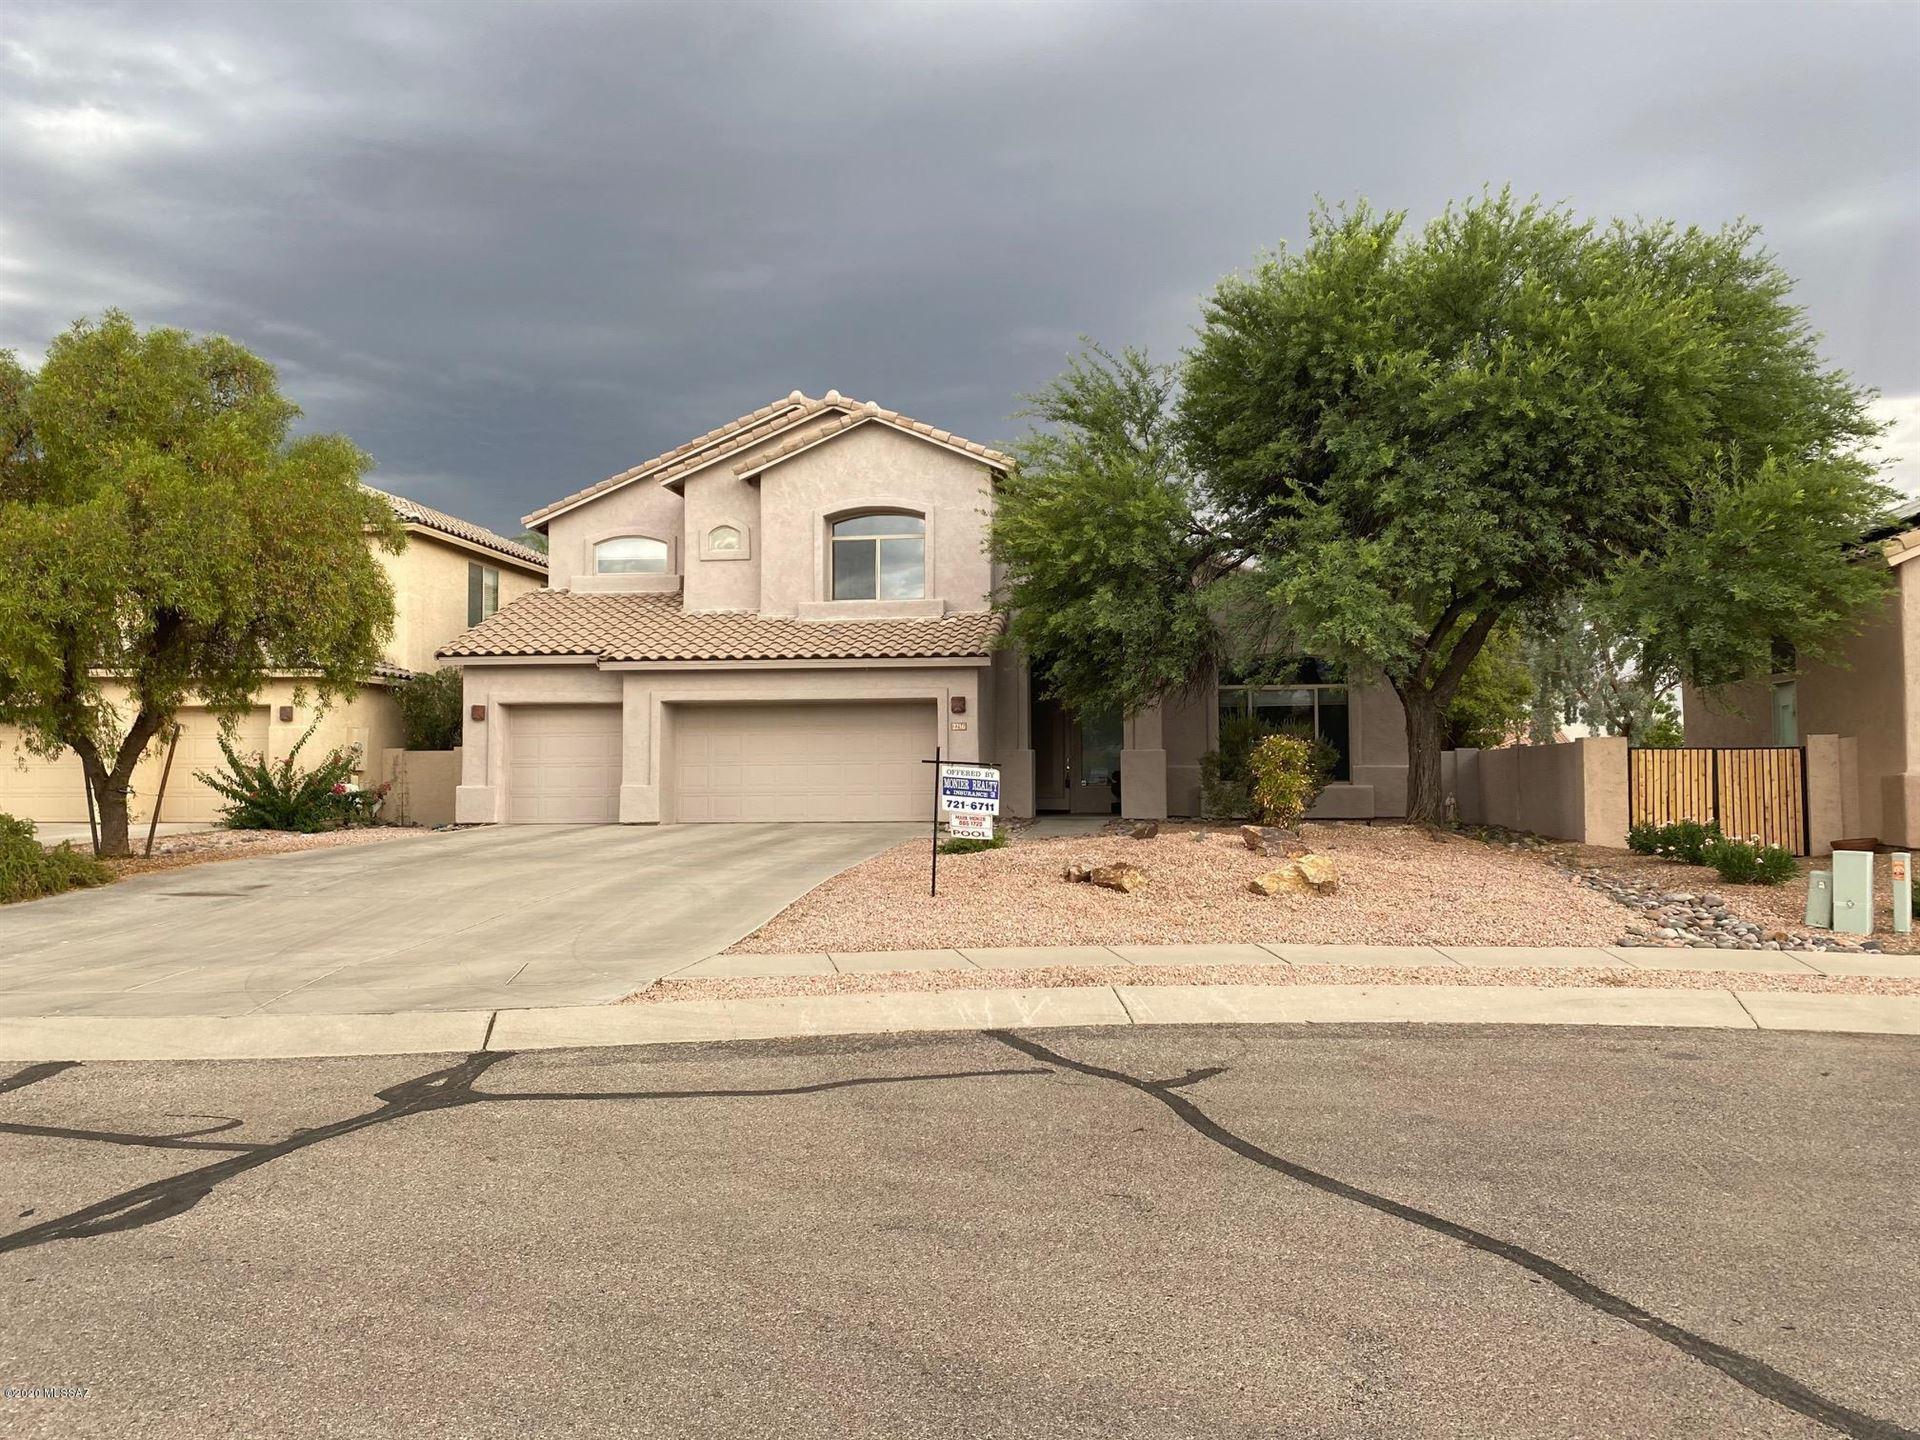 2216 N Quail Lake Place, Tucson, AZ 85749 - MLS#: 22001619